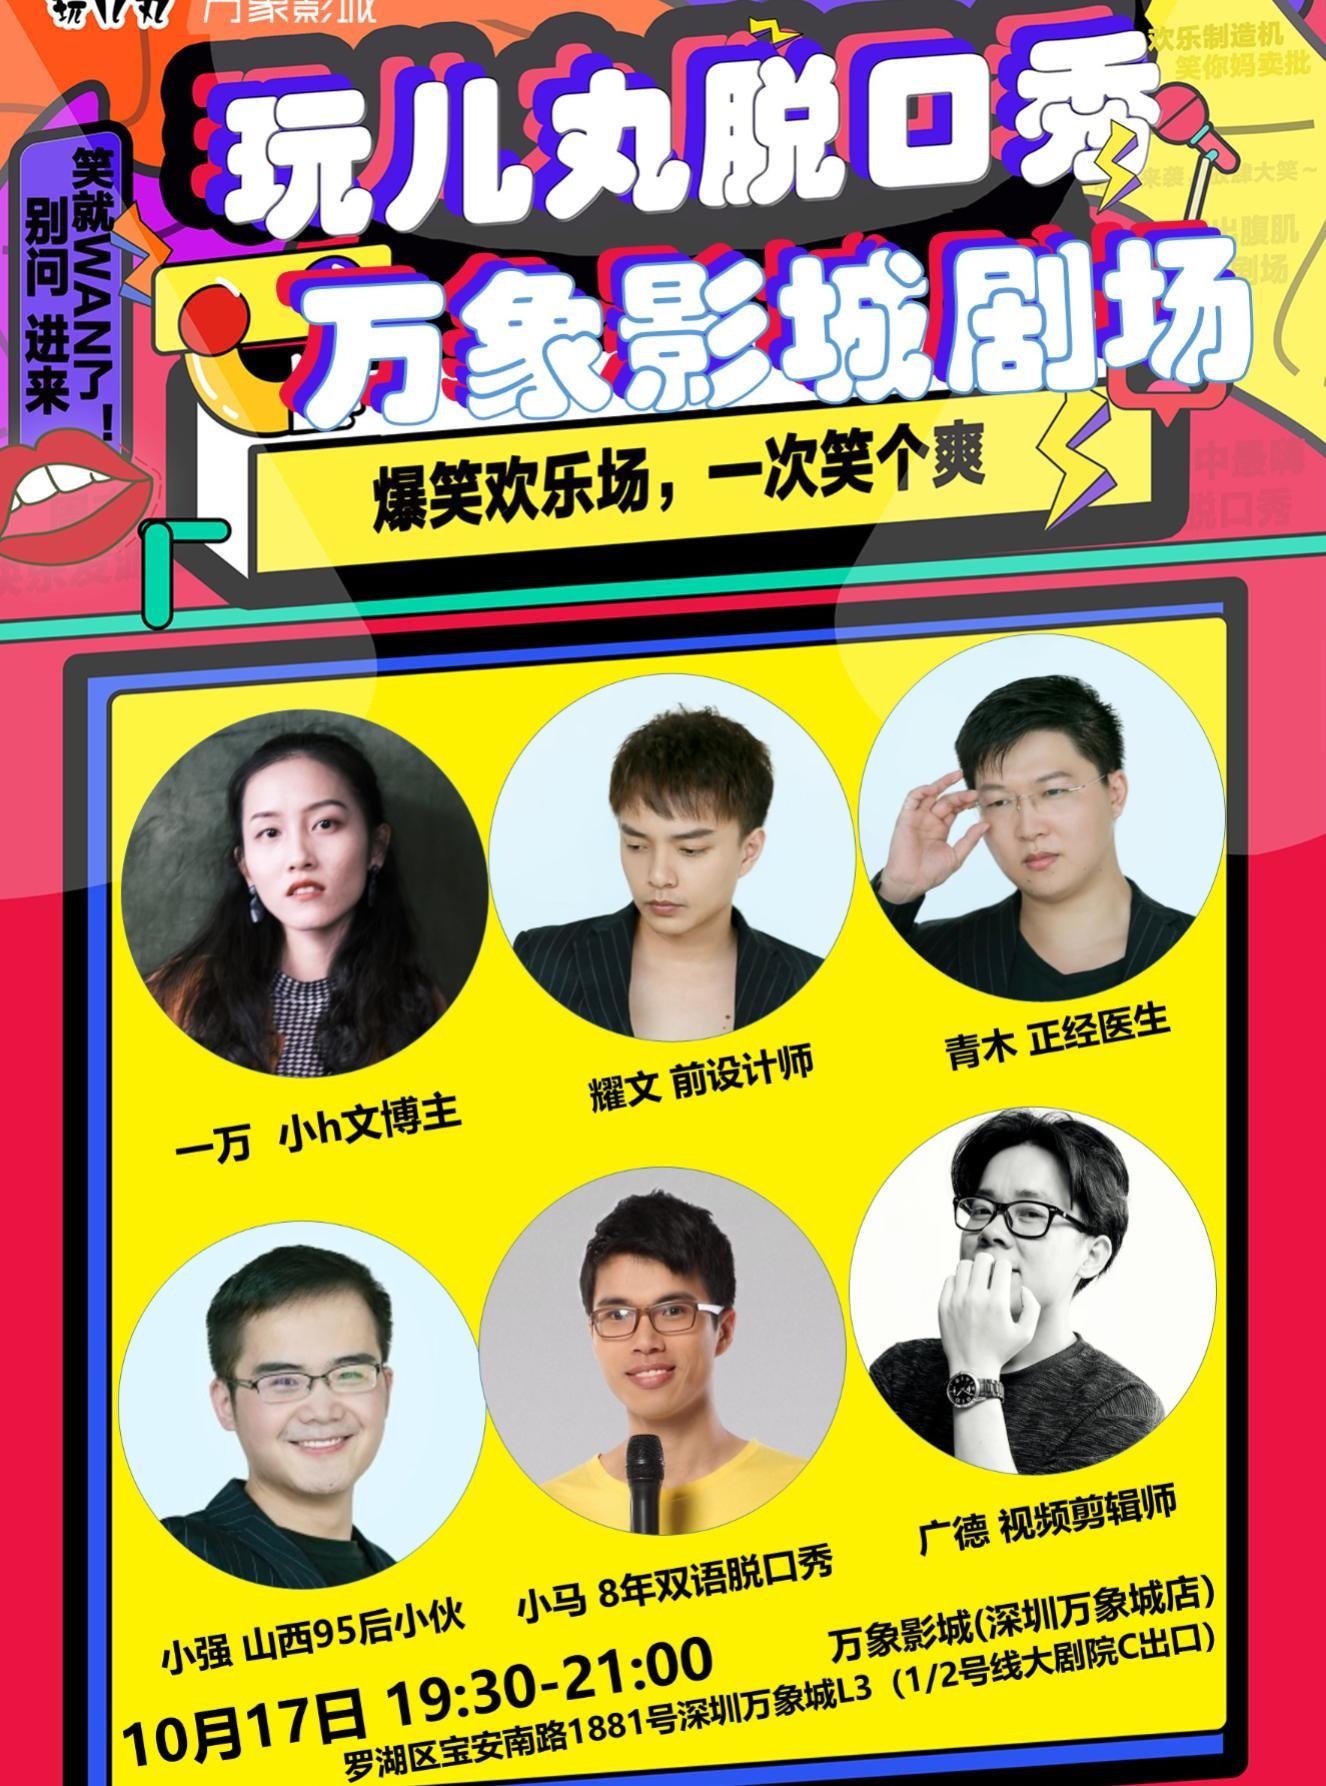 【深圳】爆笑單口喜劇演出羅湖萬象影城 - 玩兒丸脫口秀